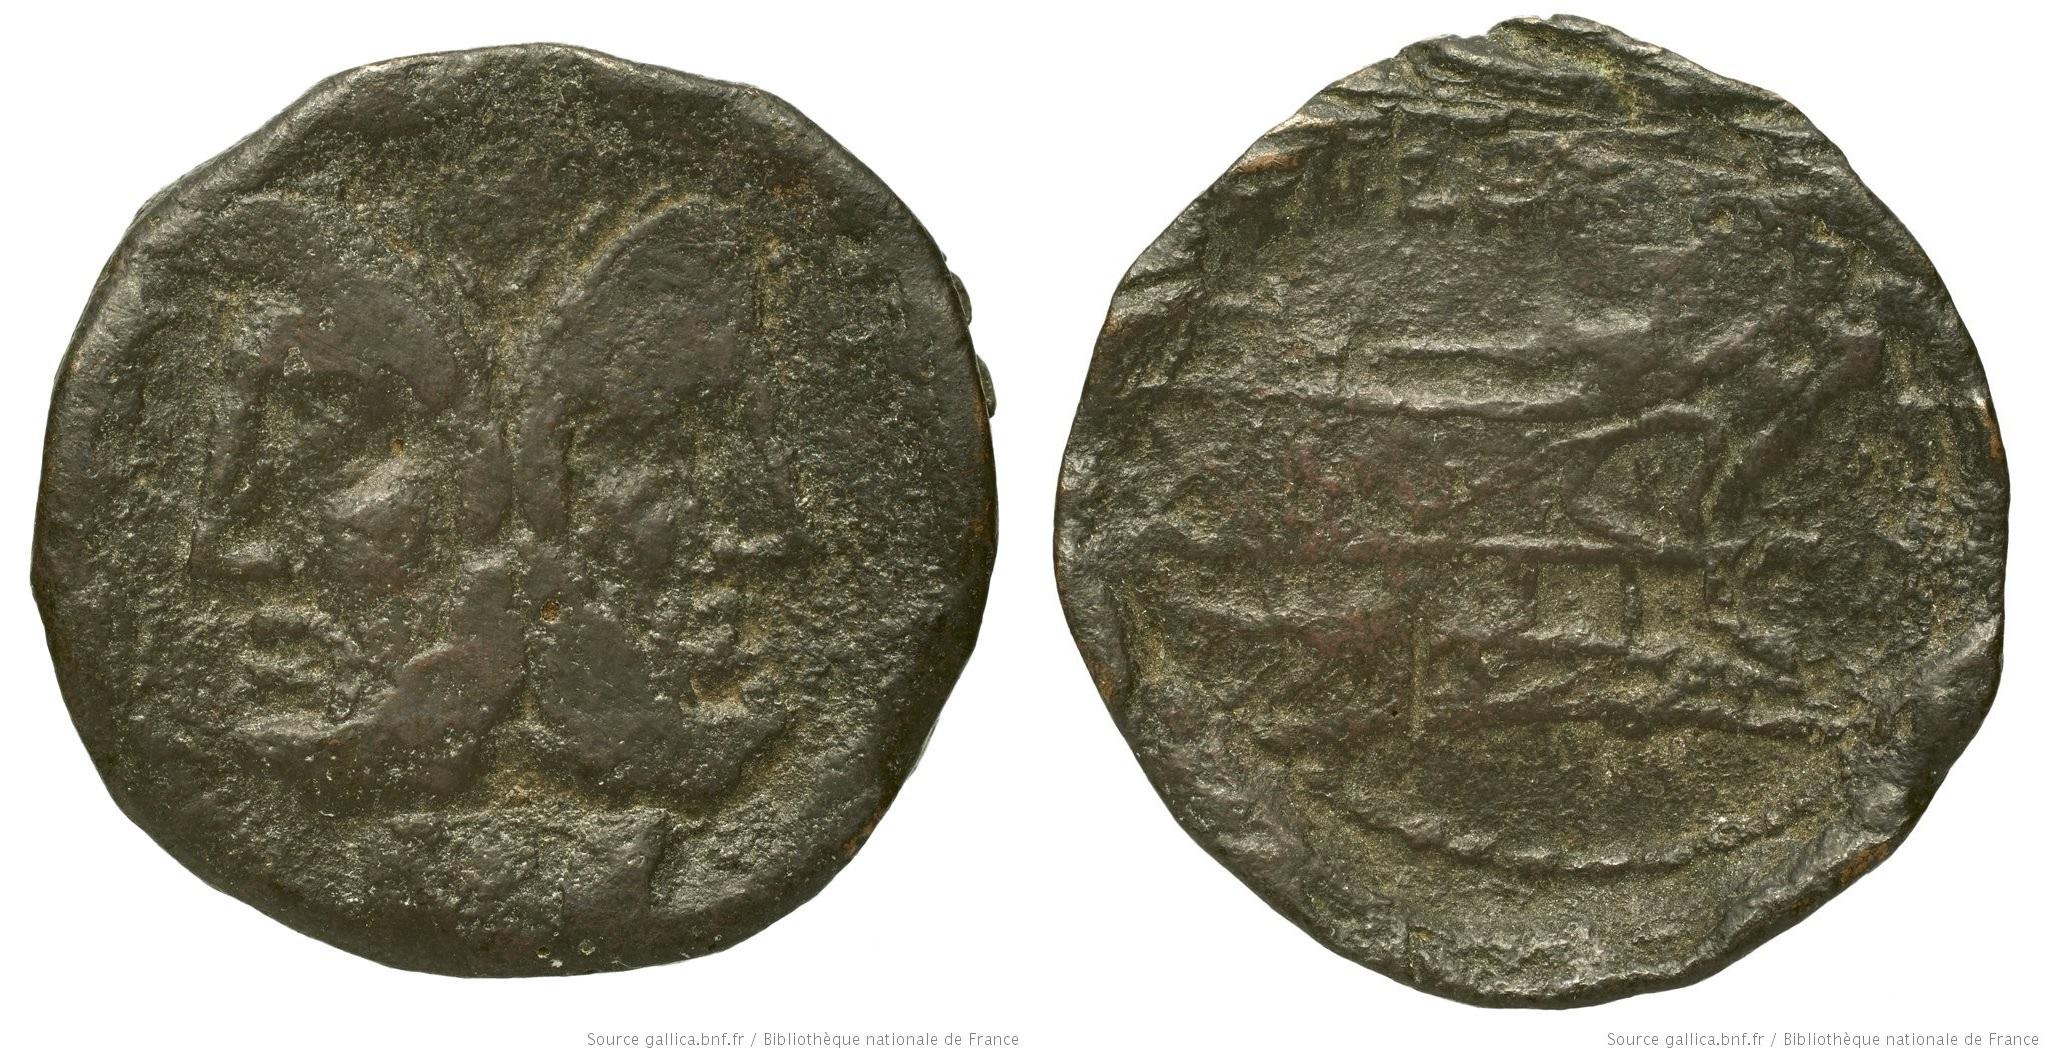 1243CO – As Cornelia – Cnæus Cornelius Lentulus Marcellinus